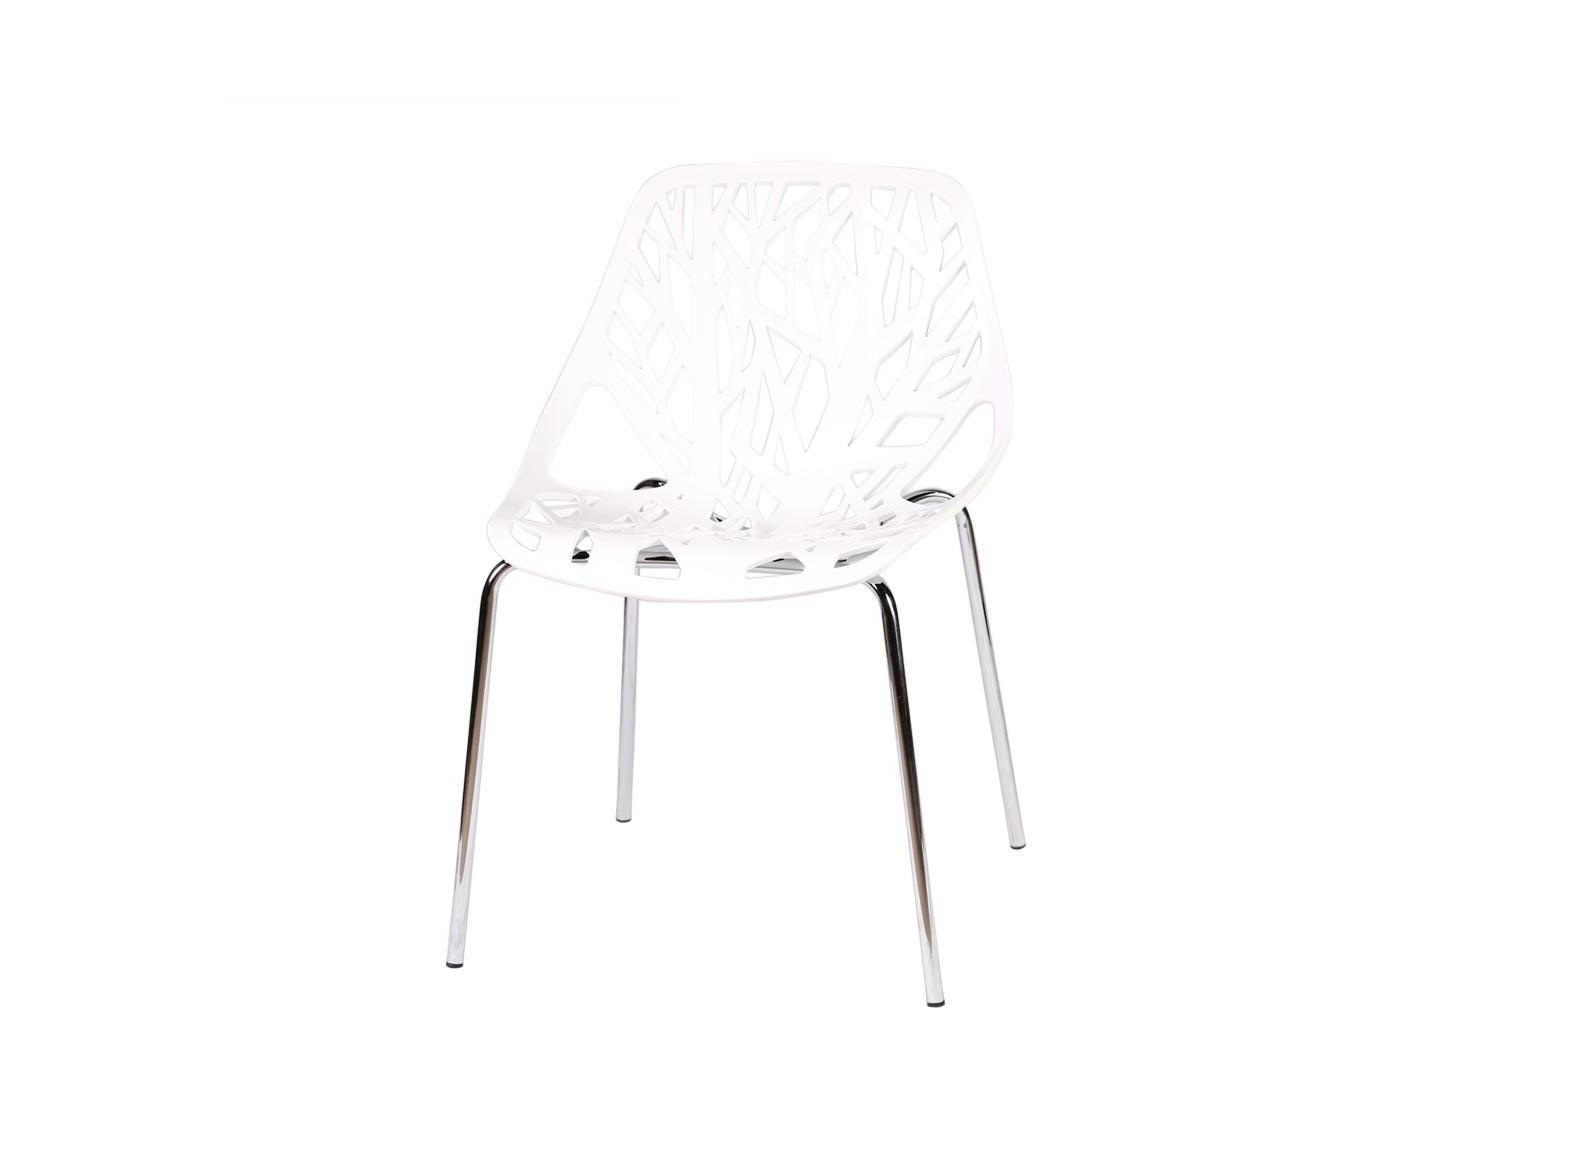 Стул современный ОрлеанОбеденные стулья<br>Стул современный Орлеан изготовлен из качественного термопластика. Наибольший интерес представляет дизайн сидения и спинки - геометричные формы составлены из повторяющихся призматических узоров, стилизованных под природную тематику. Этот современный дизайнерский стул превосходно вписывается в концепцию интерьера в стиле минимализм или в скандинавском стиле. Более того, современный стул Орлеан очень удобный и прочный, он займет достойное место у Вас дома.<br><br>Material: Пластик<br>Width см: 64<br>Depth см: 58<br>Height см: 52